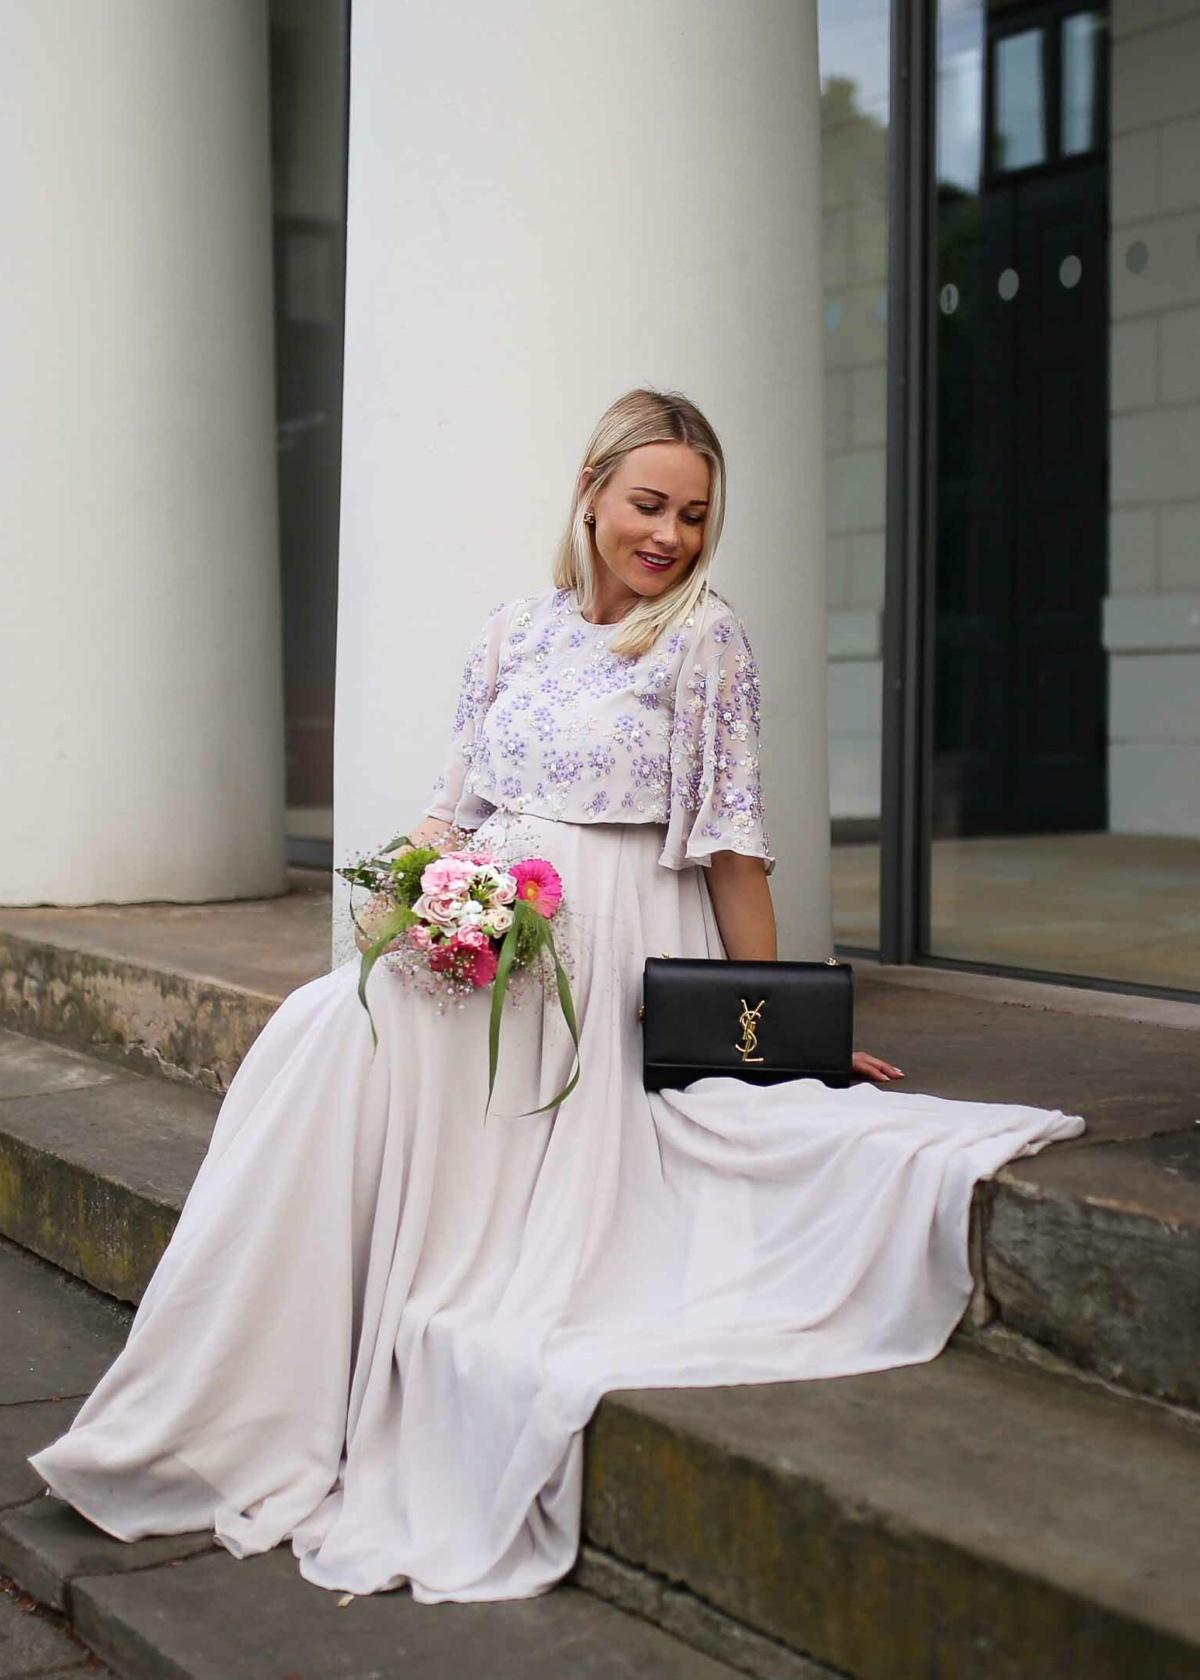 stylingliebe-fashionblog-muenchen-styleblog-munich-blogger-deutschland-fashionblogger-bloggerdeutschland-lifestyleblog-modeblog-germanblogger-welches-outfit-trage-ich-als-schwangerer-hochzeitsgast-4